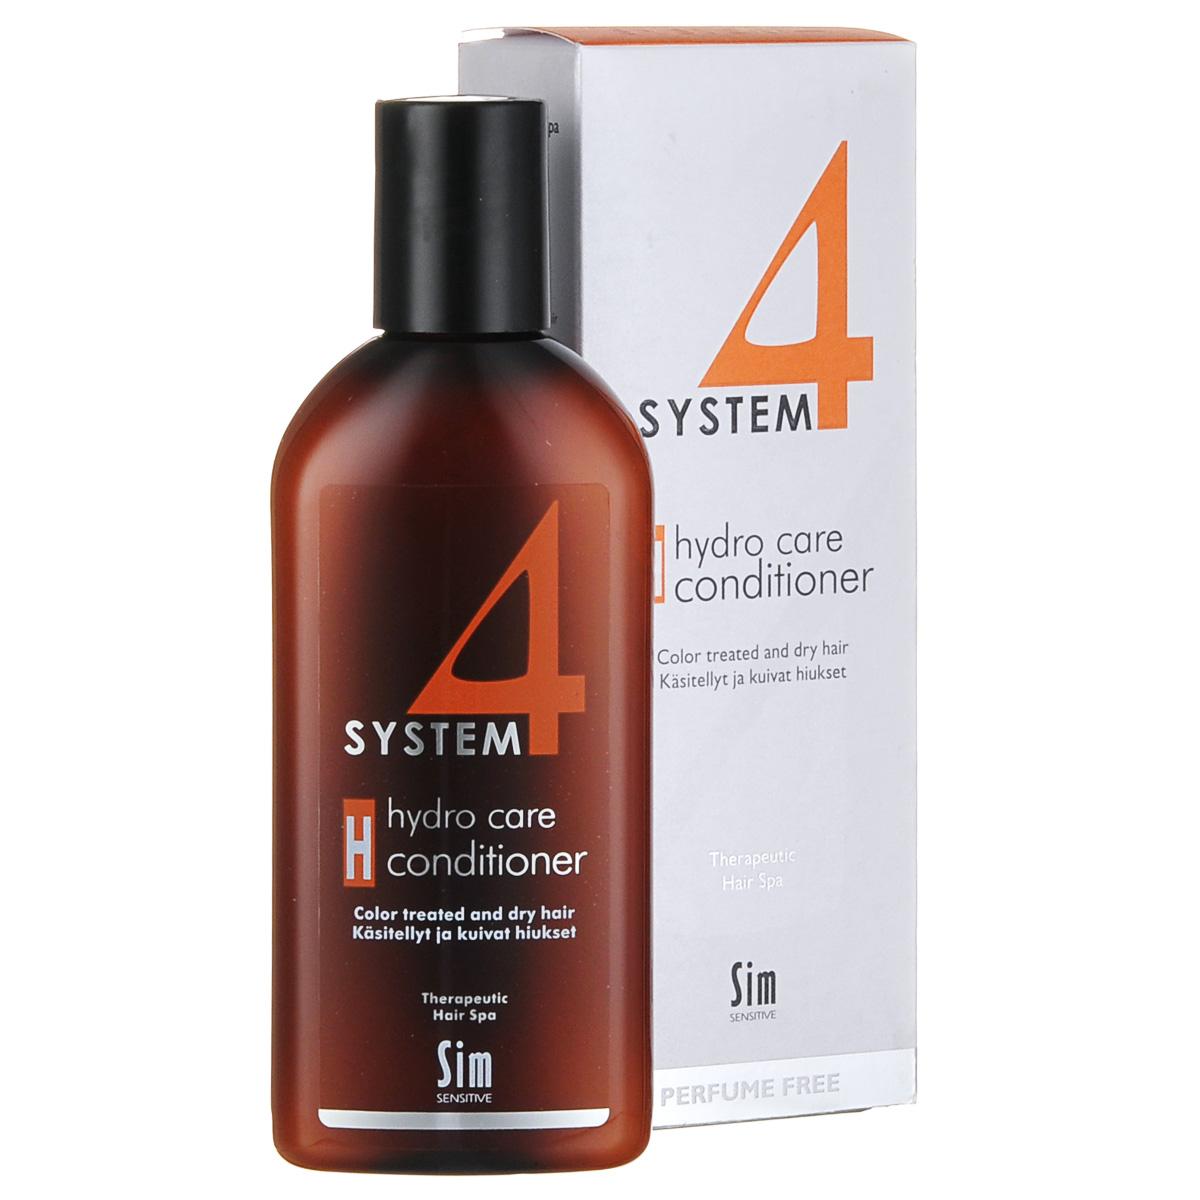 SIM SENSITIVE Терапевтический бальзам H SYSTEM 4 Hydro Care Conditioner «Н» , 215 млFS-00897КАК РАБОТАЕТ: комплекс пшеничных и растительных протеинов питает волосы и насыщает влагой сухие и поврежденные волосы. Климбазол и пироктон оламин усиливают и подкрепляют действие терапевтических шампуней «Систем 4». Бальзам улучшает структуру волоса, придает послушность и шелковистость.БОРЕТСЯ С: сухостью волос, непослушностью, спутыванием волосрасслоением стержня волоса поврежденностью и стрессом волос после окрашивания, химической обработки, частого воздействия горячих температур (фен, утюжки)